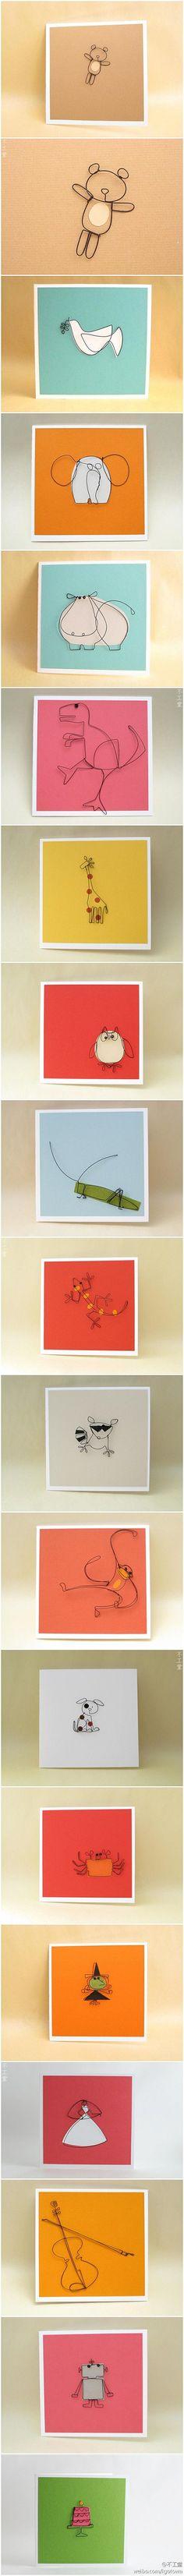 #simply #creative...| via 83oranges.com